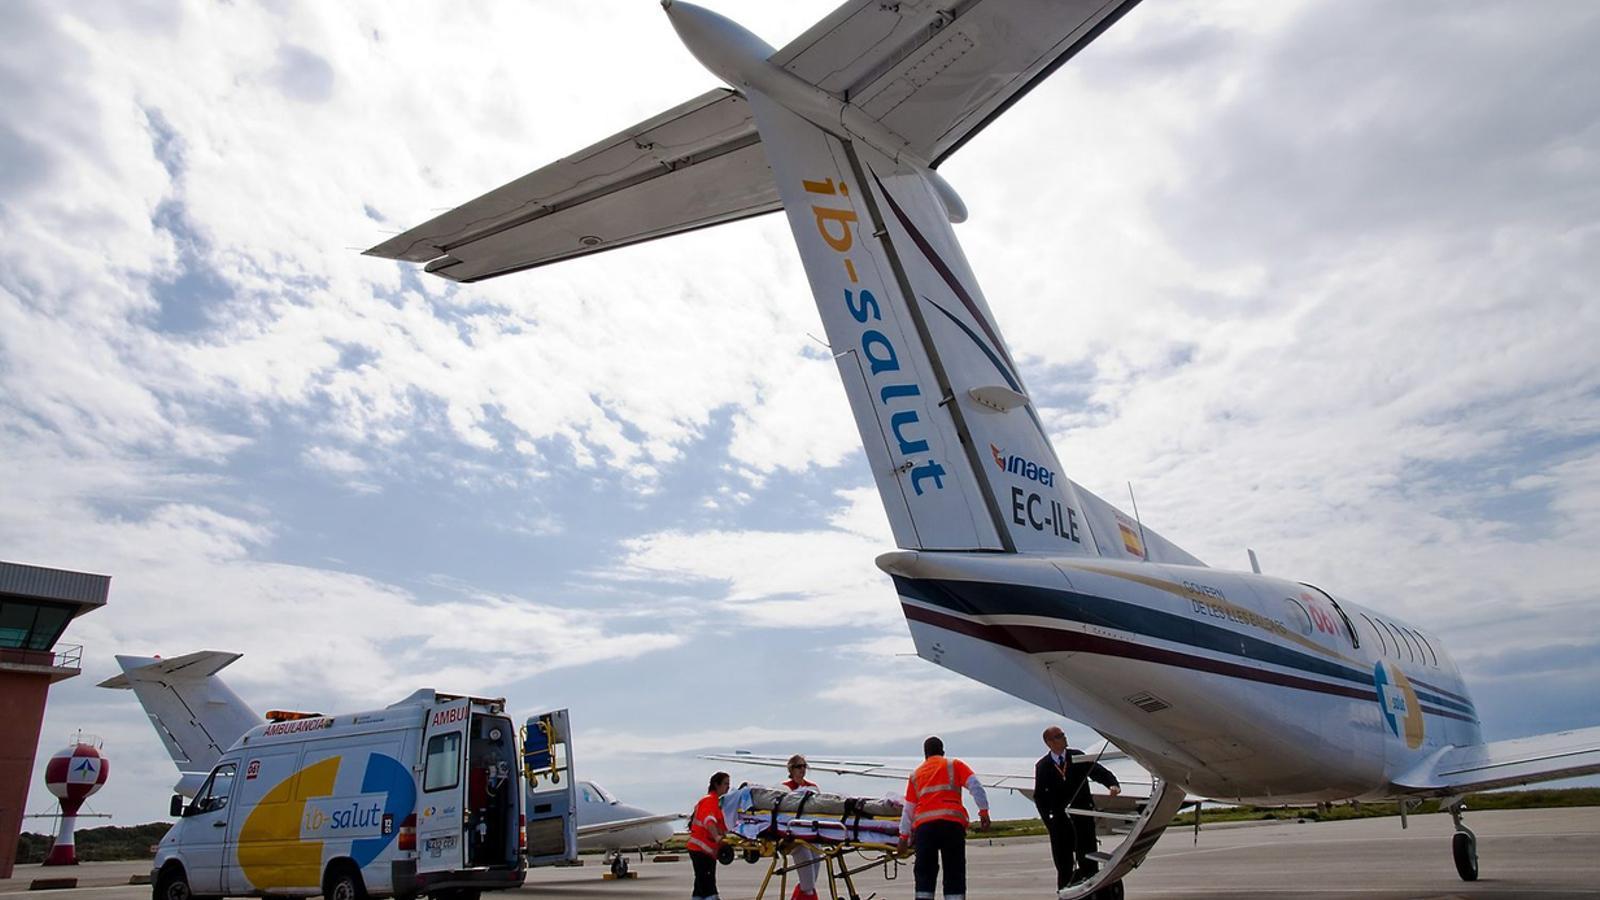 La Unitat de Transport Pediàtric Balear, amb seu a Son Espases, durant un trasllat mitjançant un avió medicalitzat.